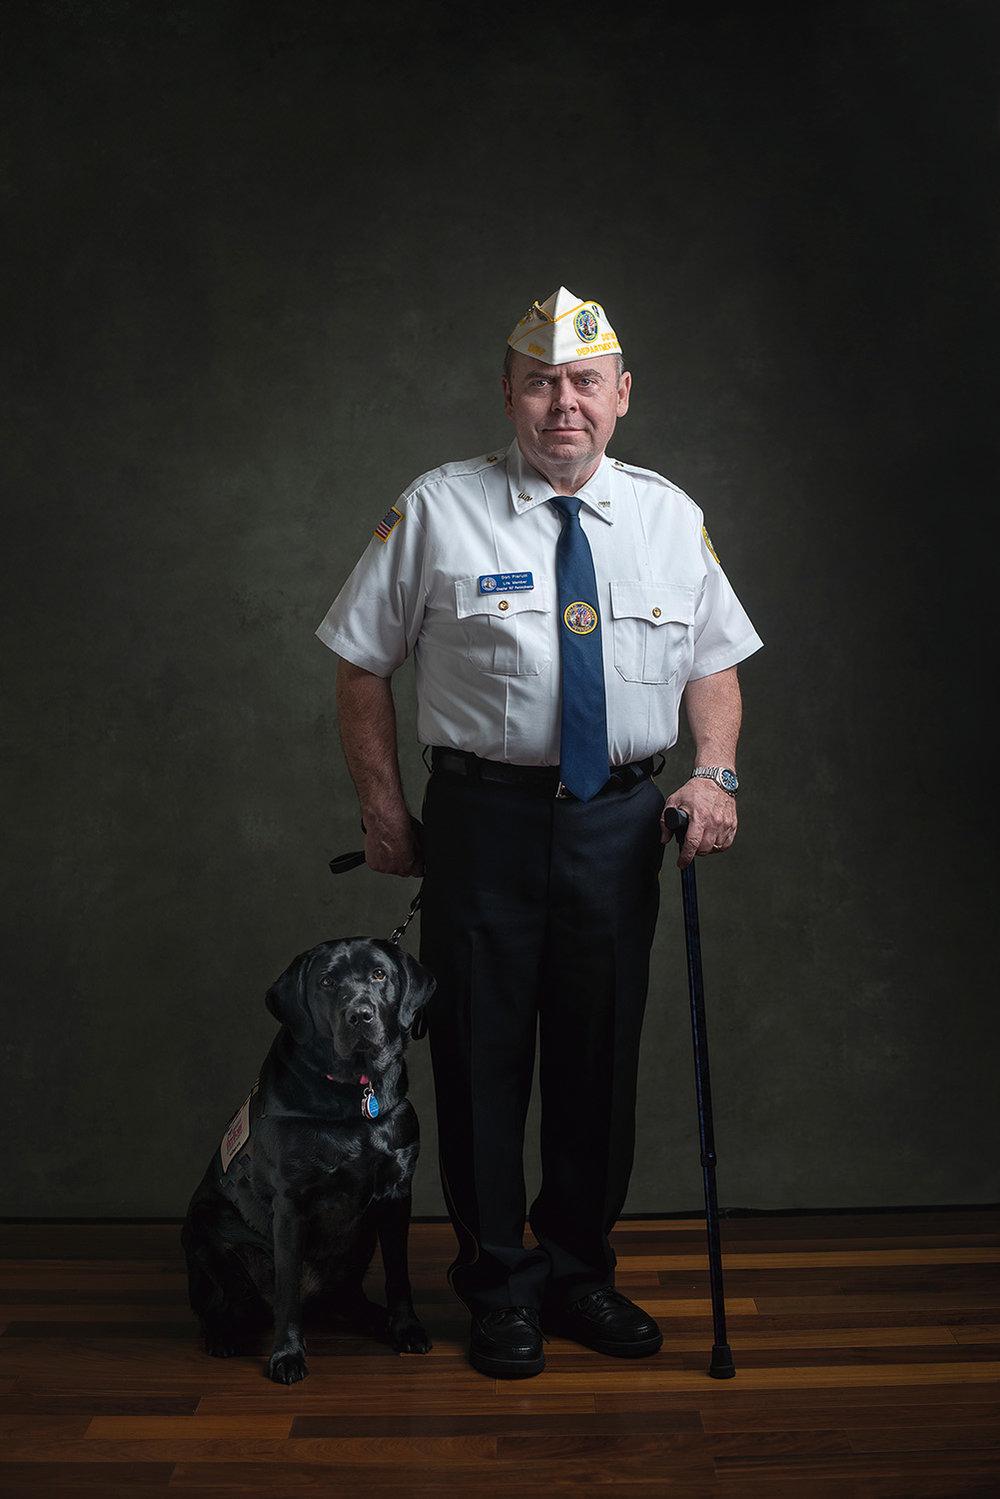 170529_PIMN_Veterans_0887-2.jpg